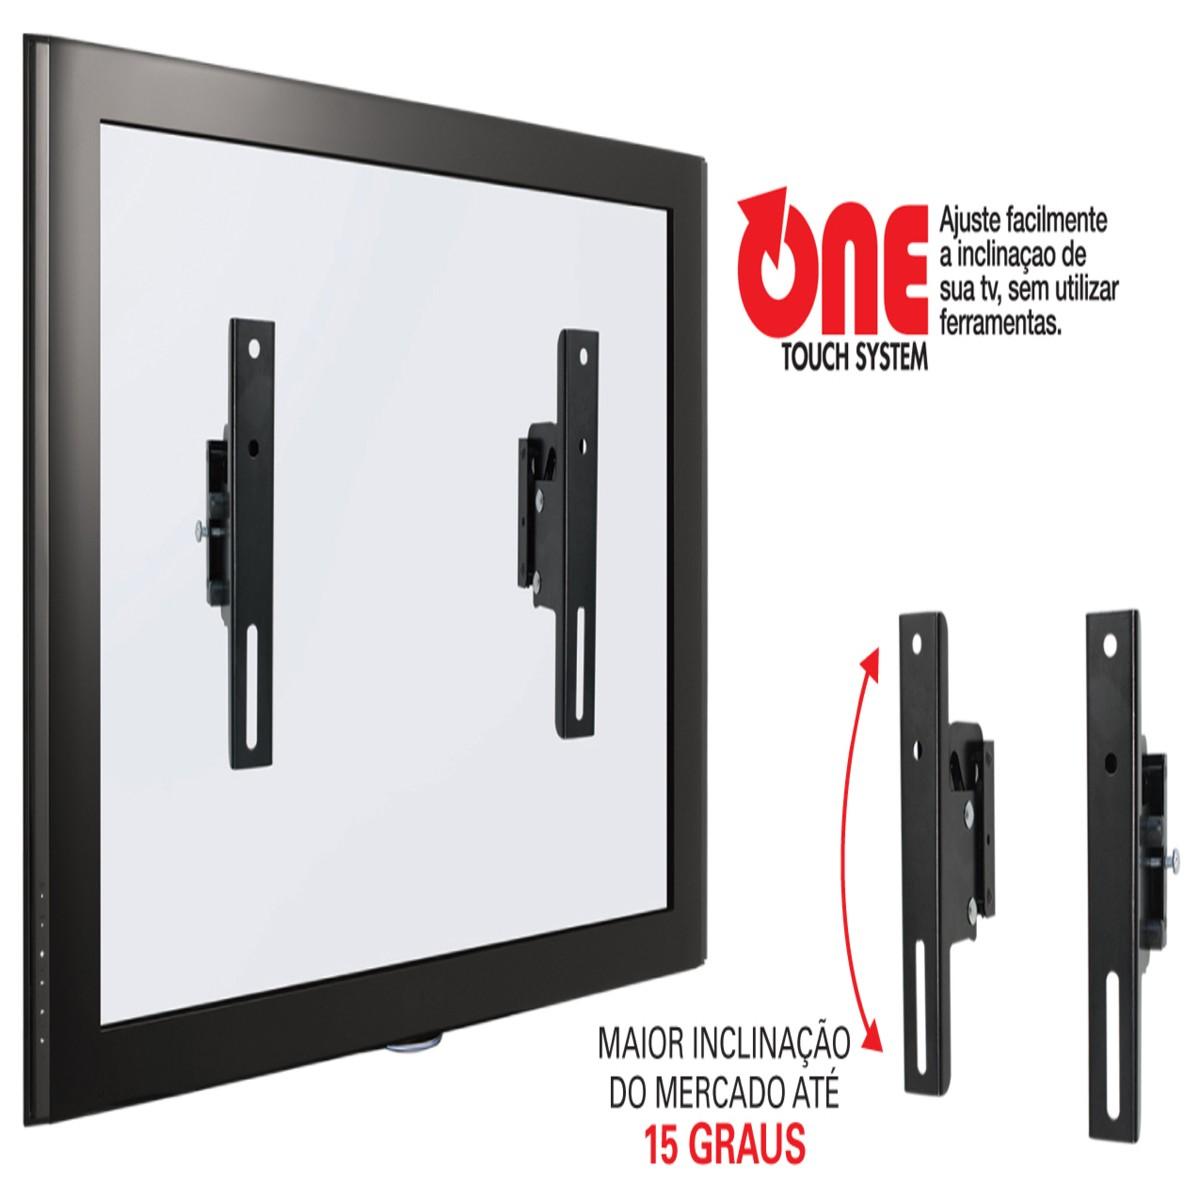 """INFINIT PLUS Suporte com Inclinação para TV LCD/Plasma/LED de 14"""" a 71"""" - UNIVERSAL Cor: Preto"""